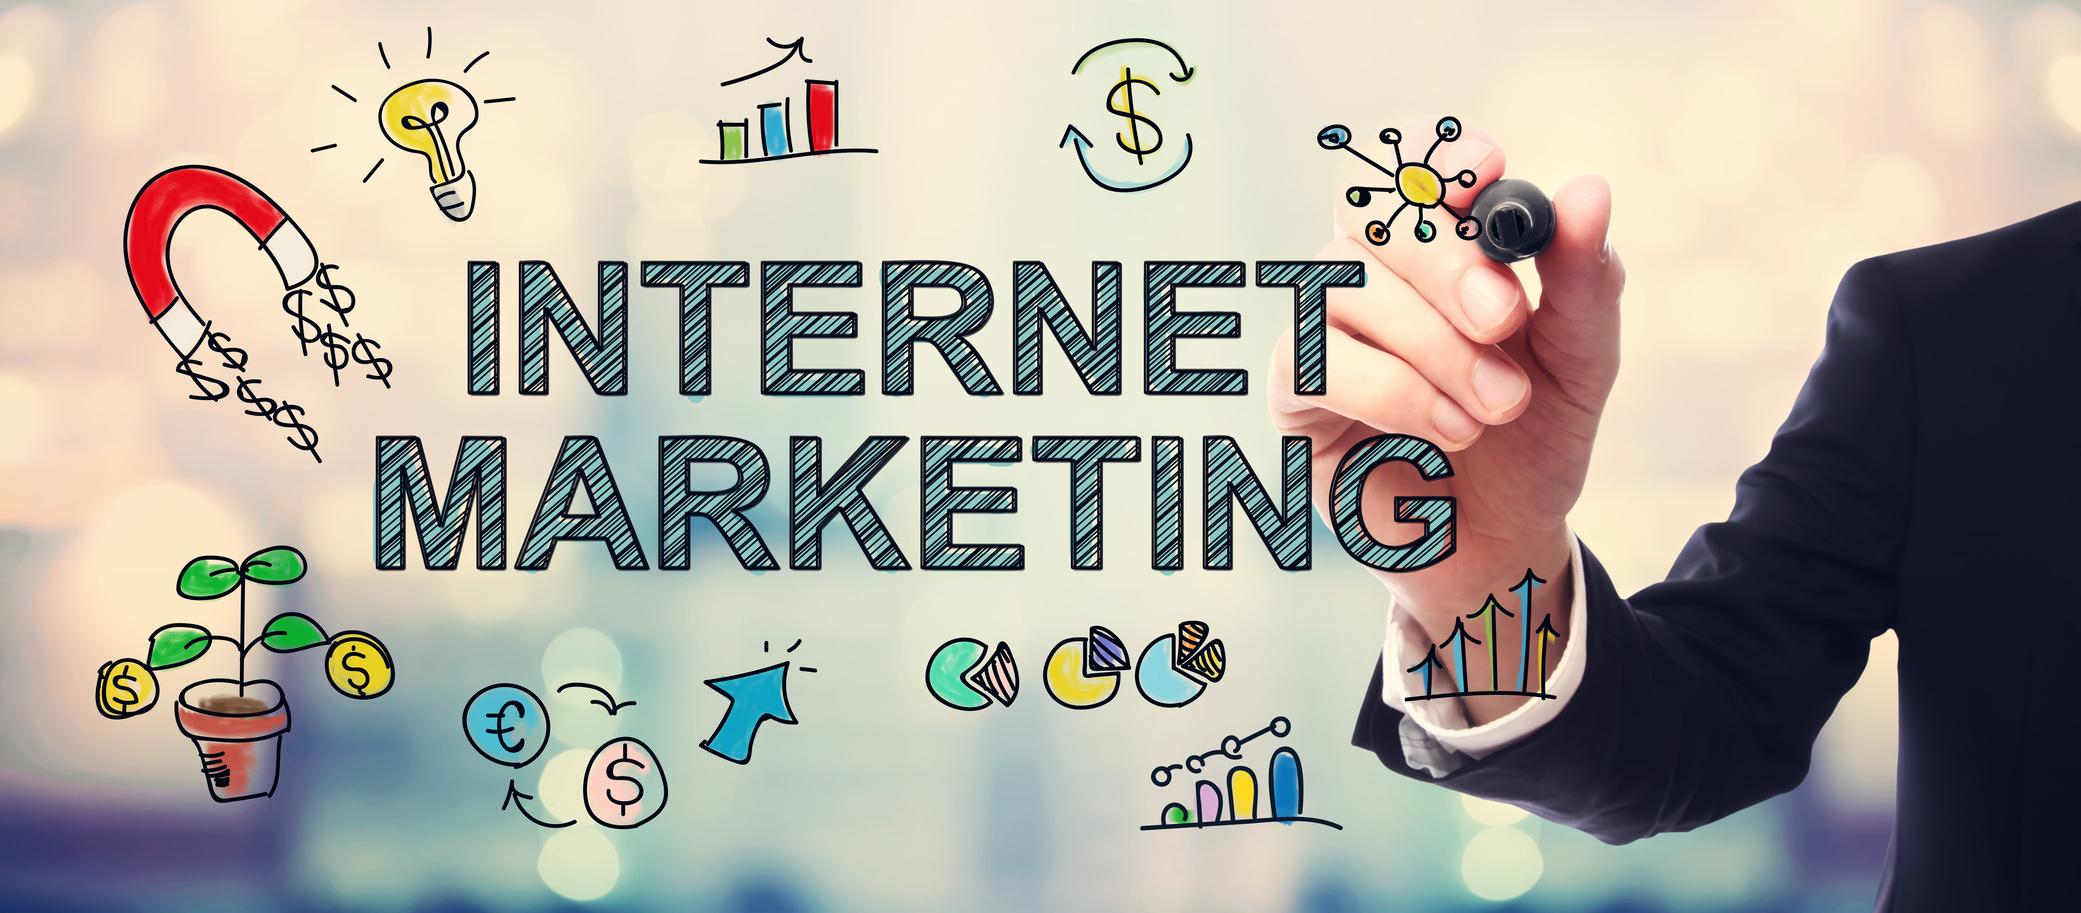 Tổng hợp các hình thức marketing online nổi bật hiện nay - JPWEB